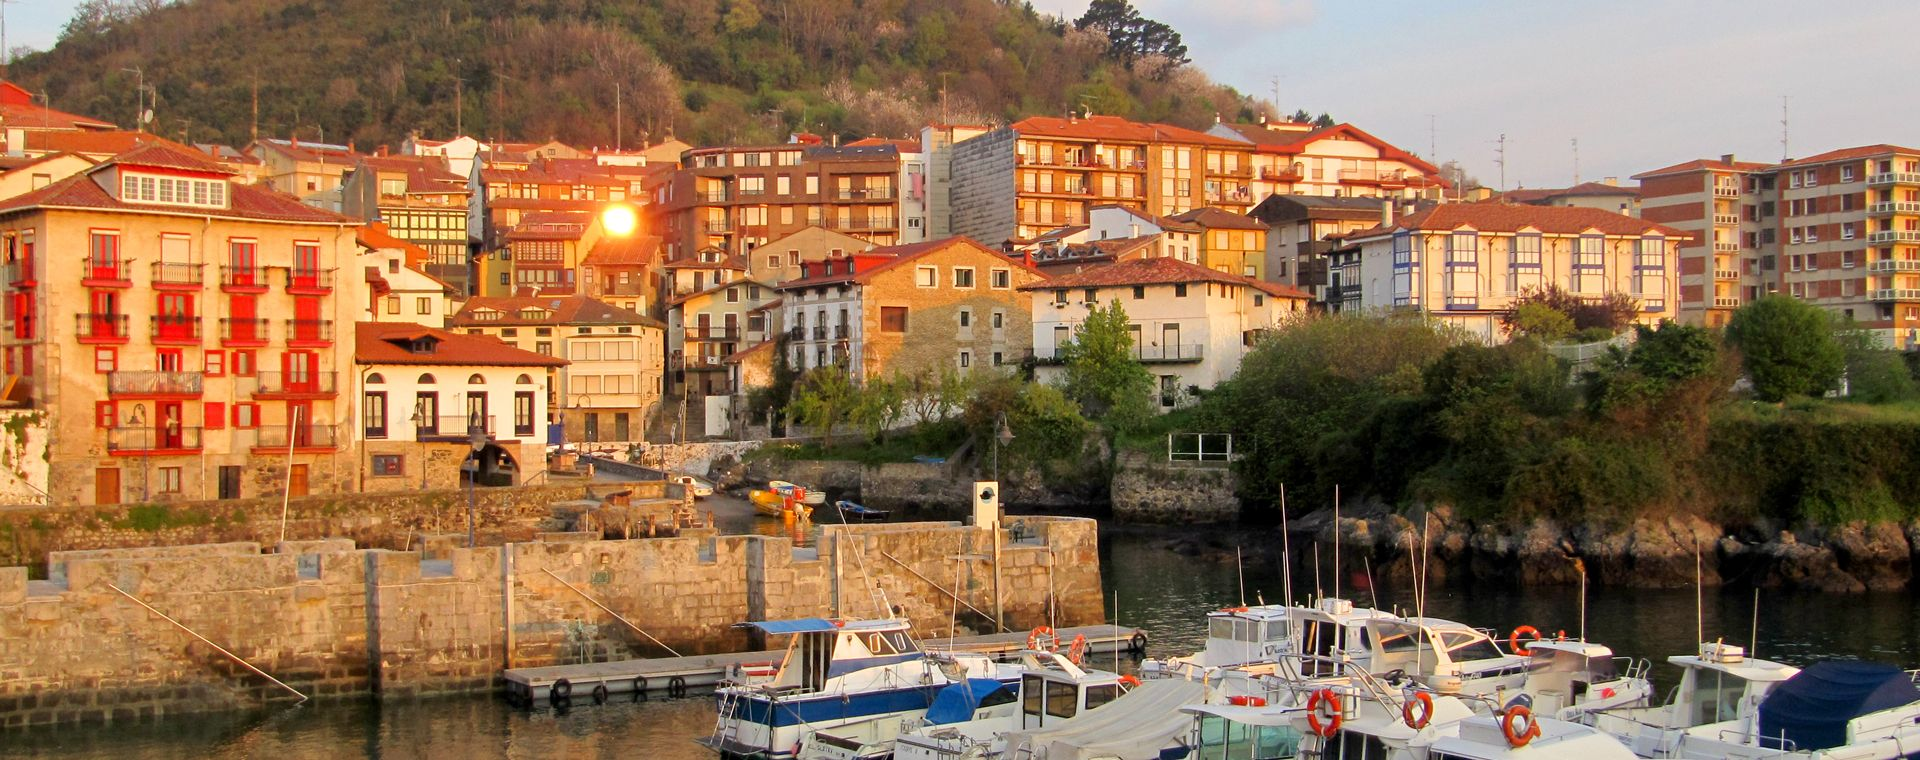 Voyage à pied : La Traversée de la côte basque, de Zumai à Bilbao